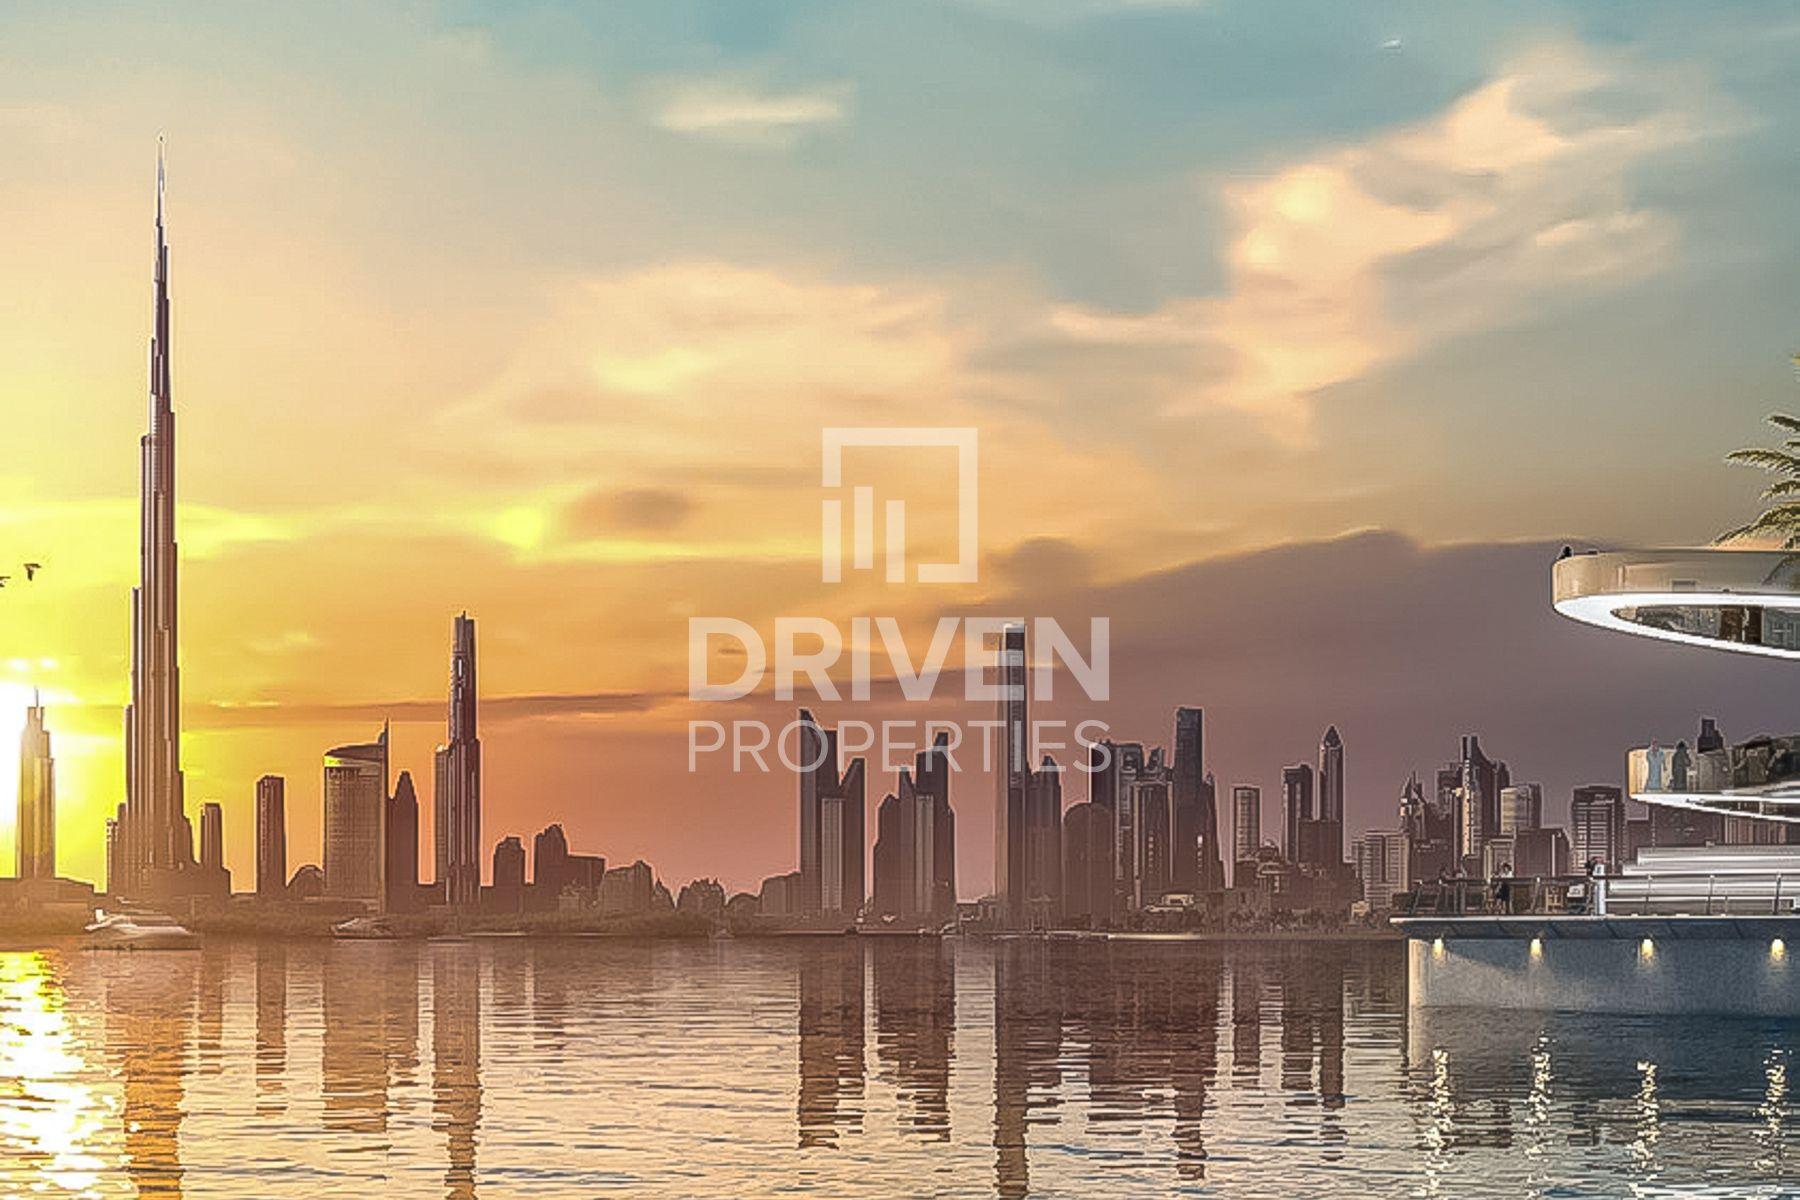 703 قدم مربع  شقة - للبيع - ميناء خور دبي